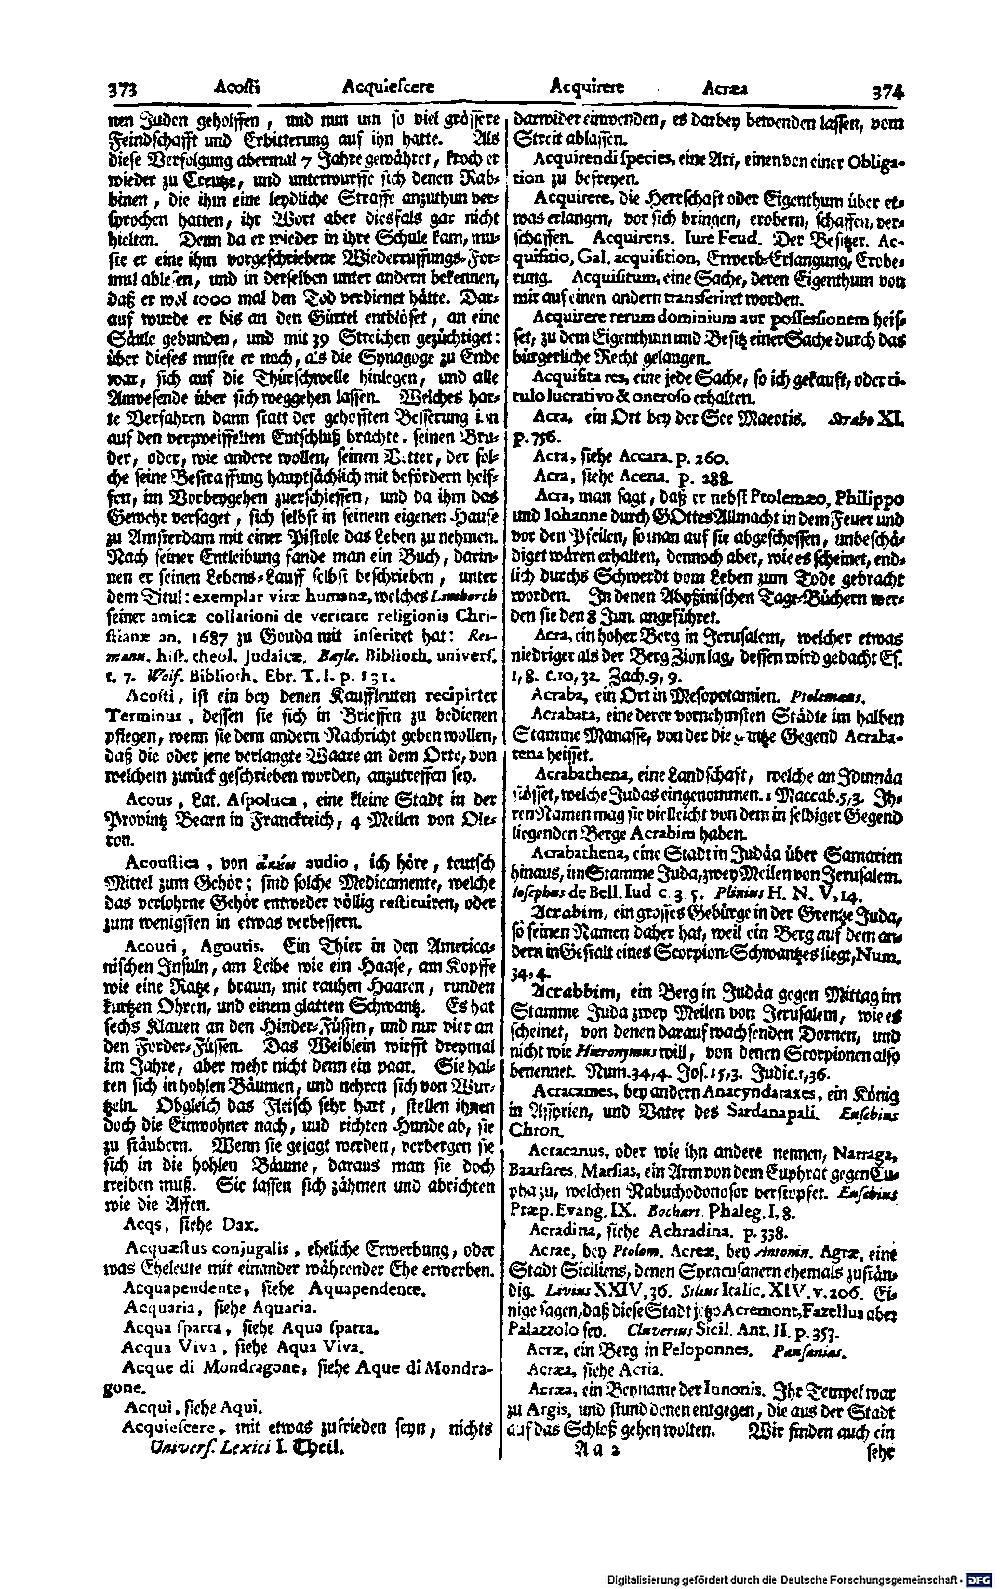 Bd. 01, Seite 0226.